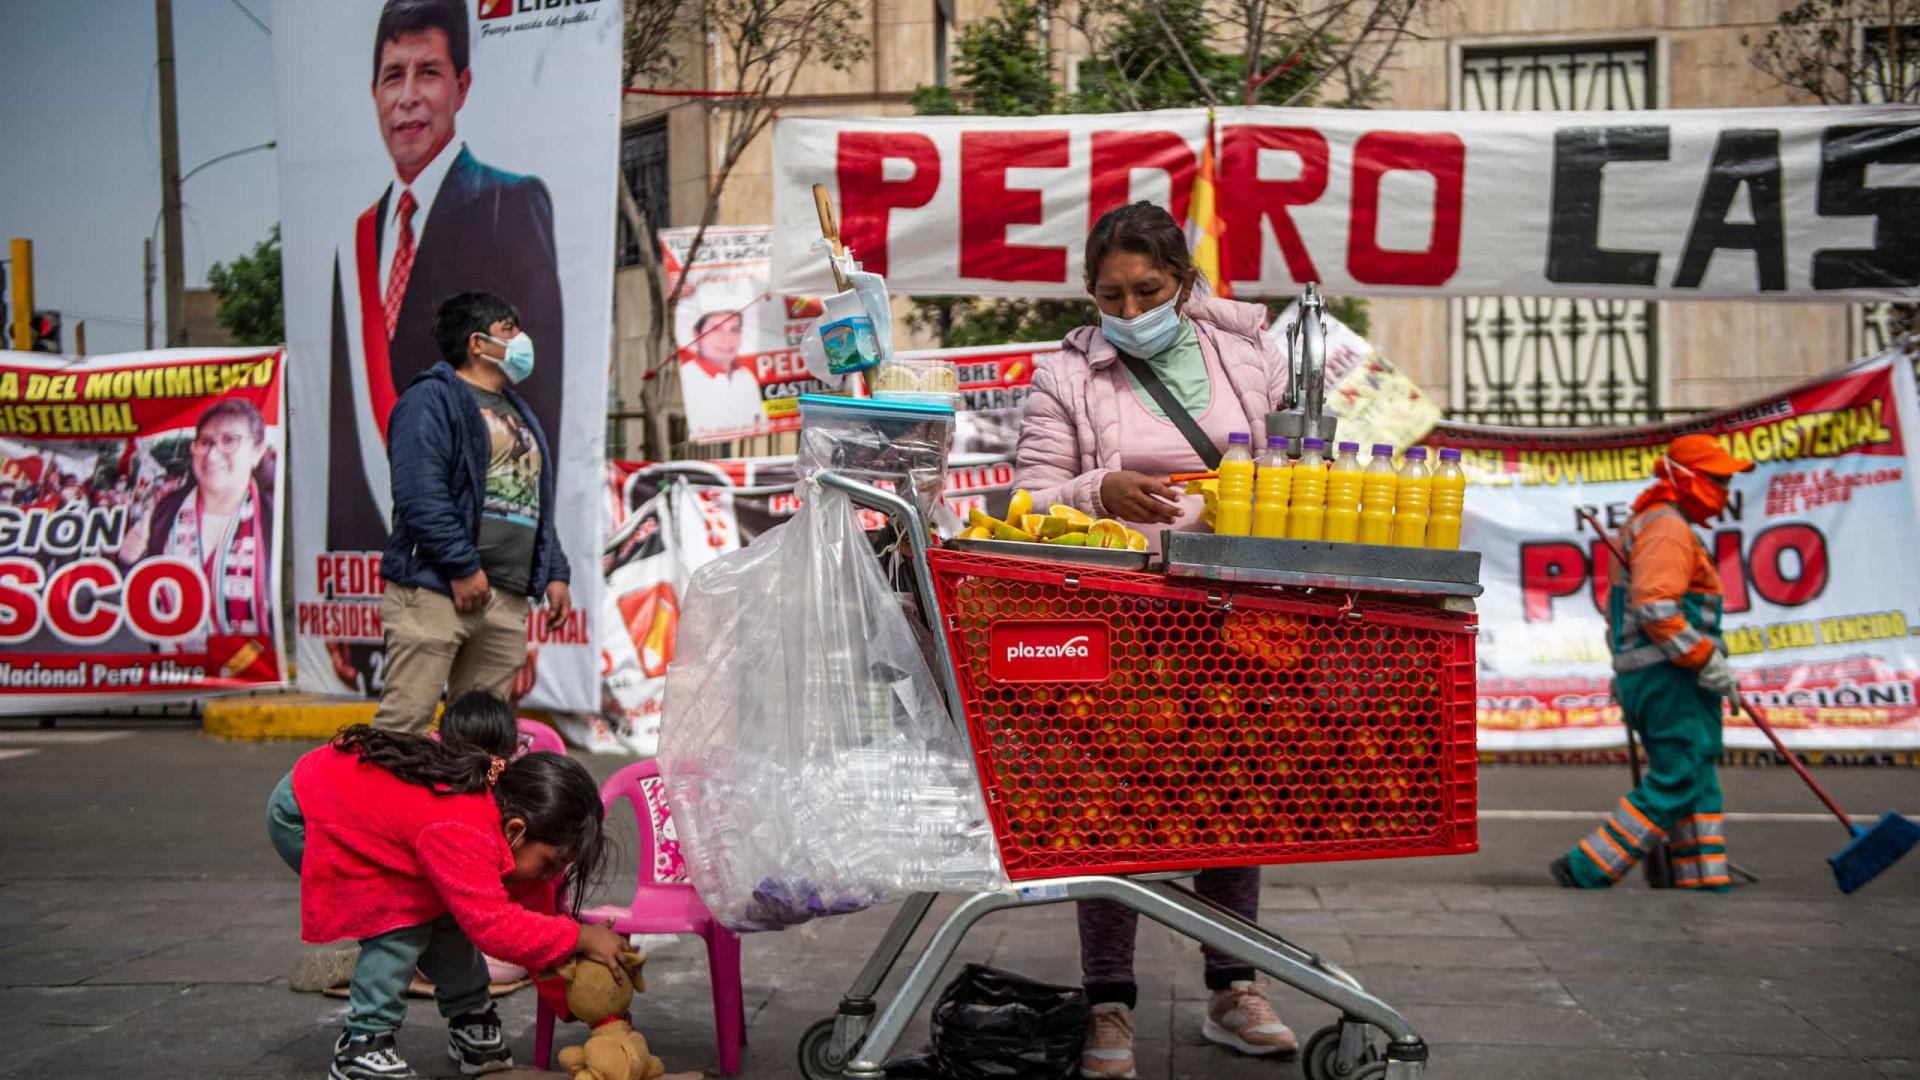 Entenda por que o Peru ainda não definiu seu presidente um mês após eleição